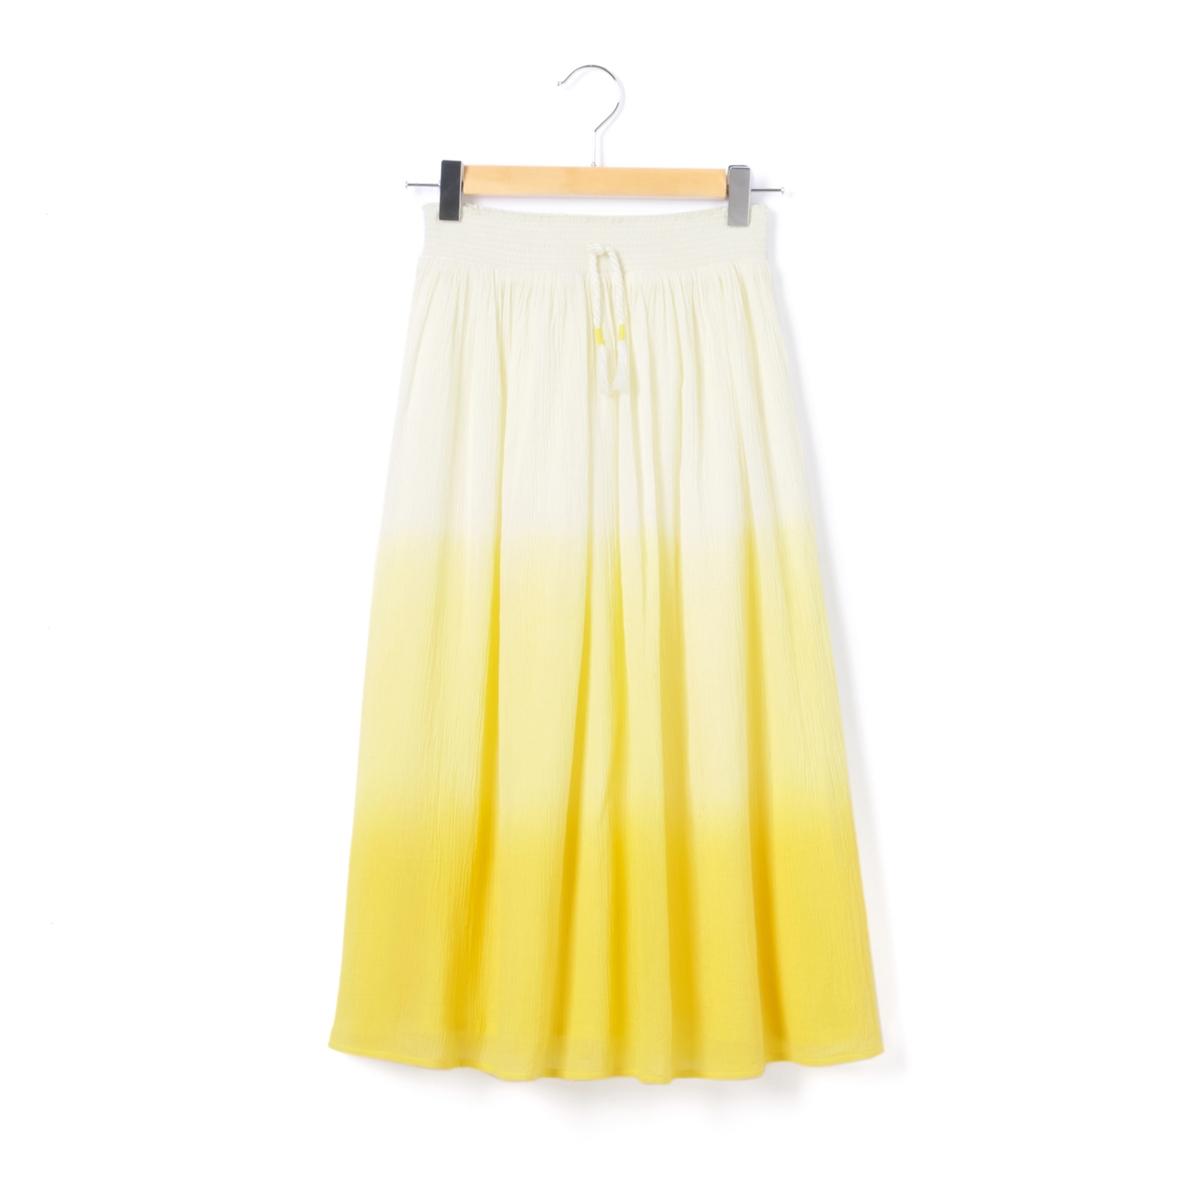 Платье короткое с рисунком, расширяющееся к низуДетали •  Форма : расклешенная •  Укороченная модель  •  Рисунок-принт •  Эластичный поясСостав и уход •  100% хлопок •  Следуйте советам по уходу, указанным на этикетке<br><br>Цвет: желтый<br>Размер: 10 лет - 138 см